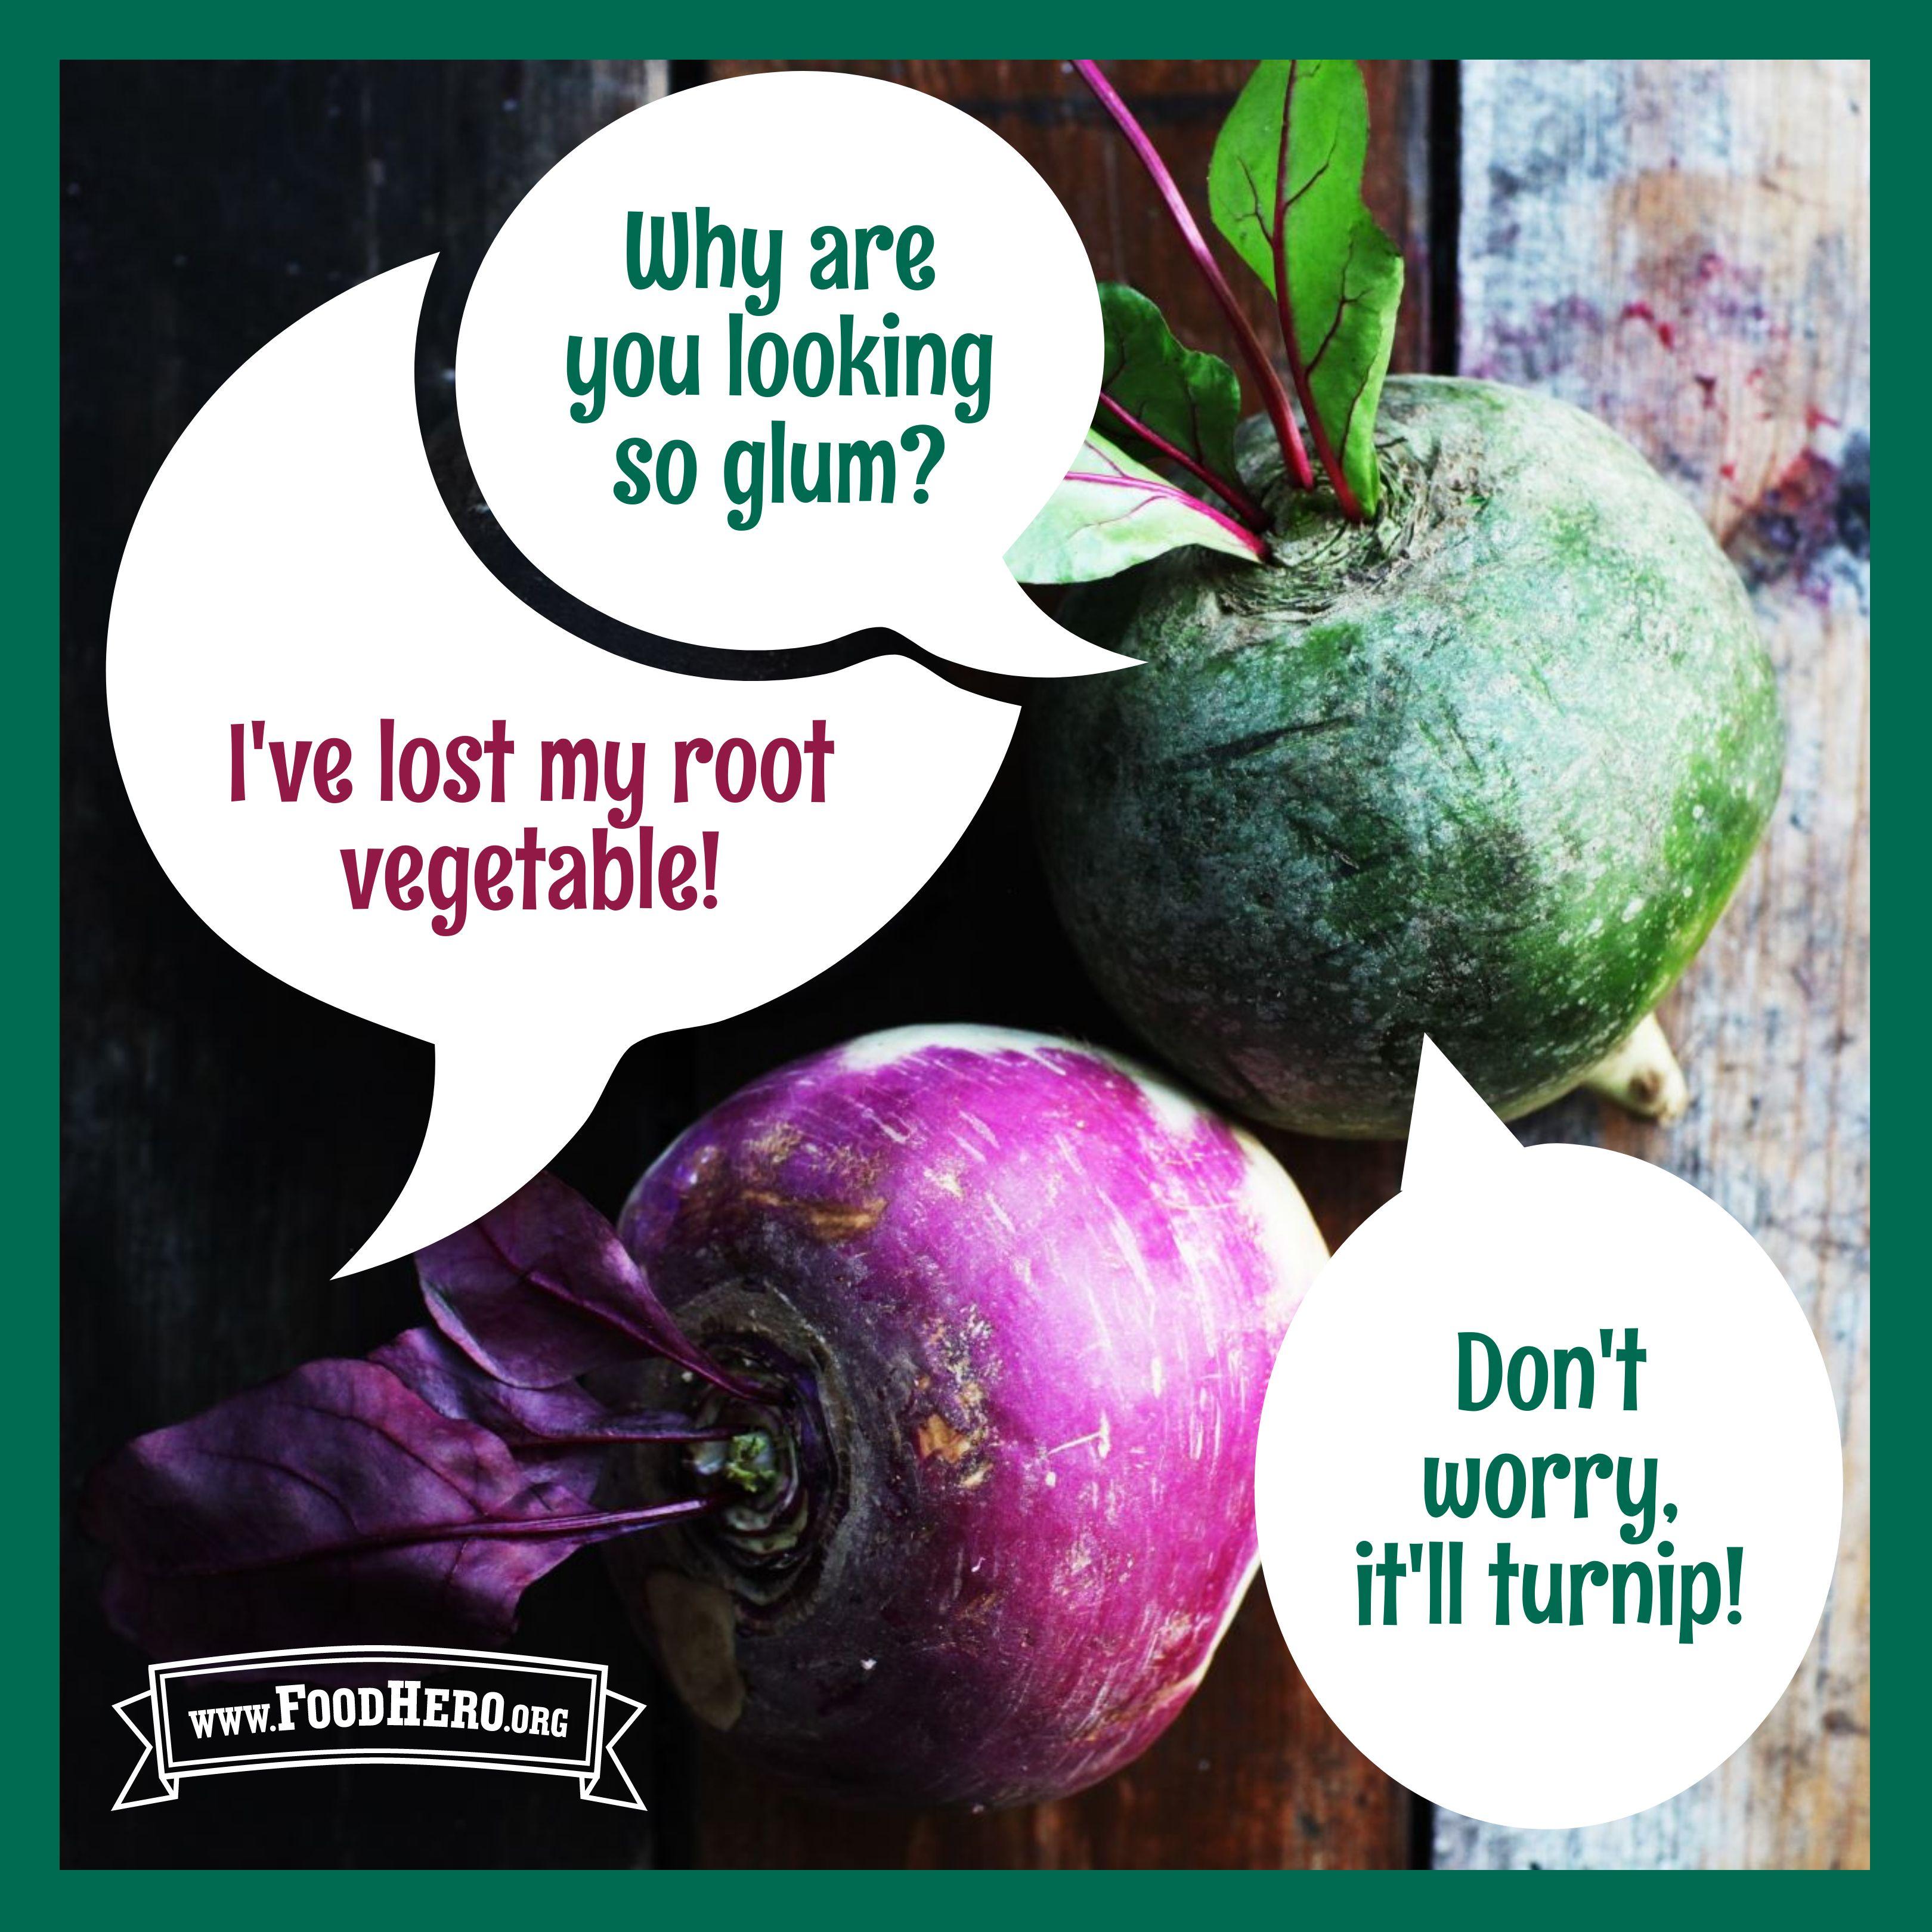 Turnip Joke Turnip Root Vegetables Food Jokes